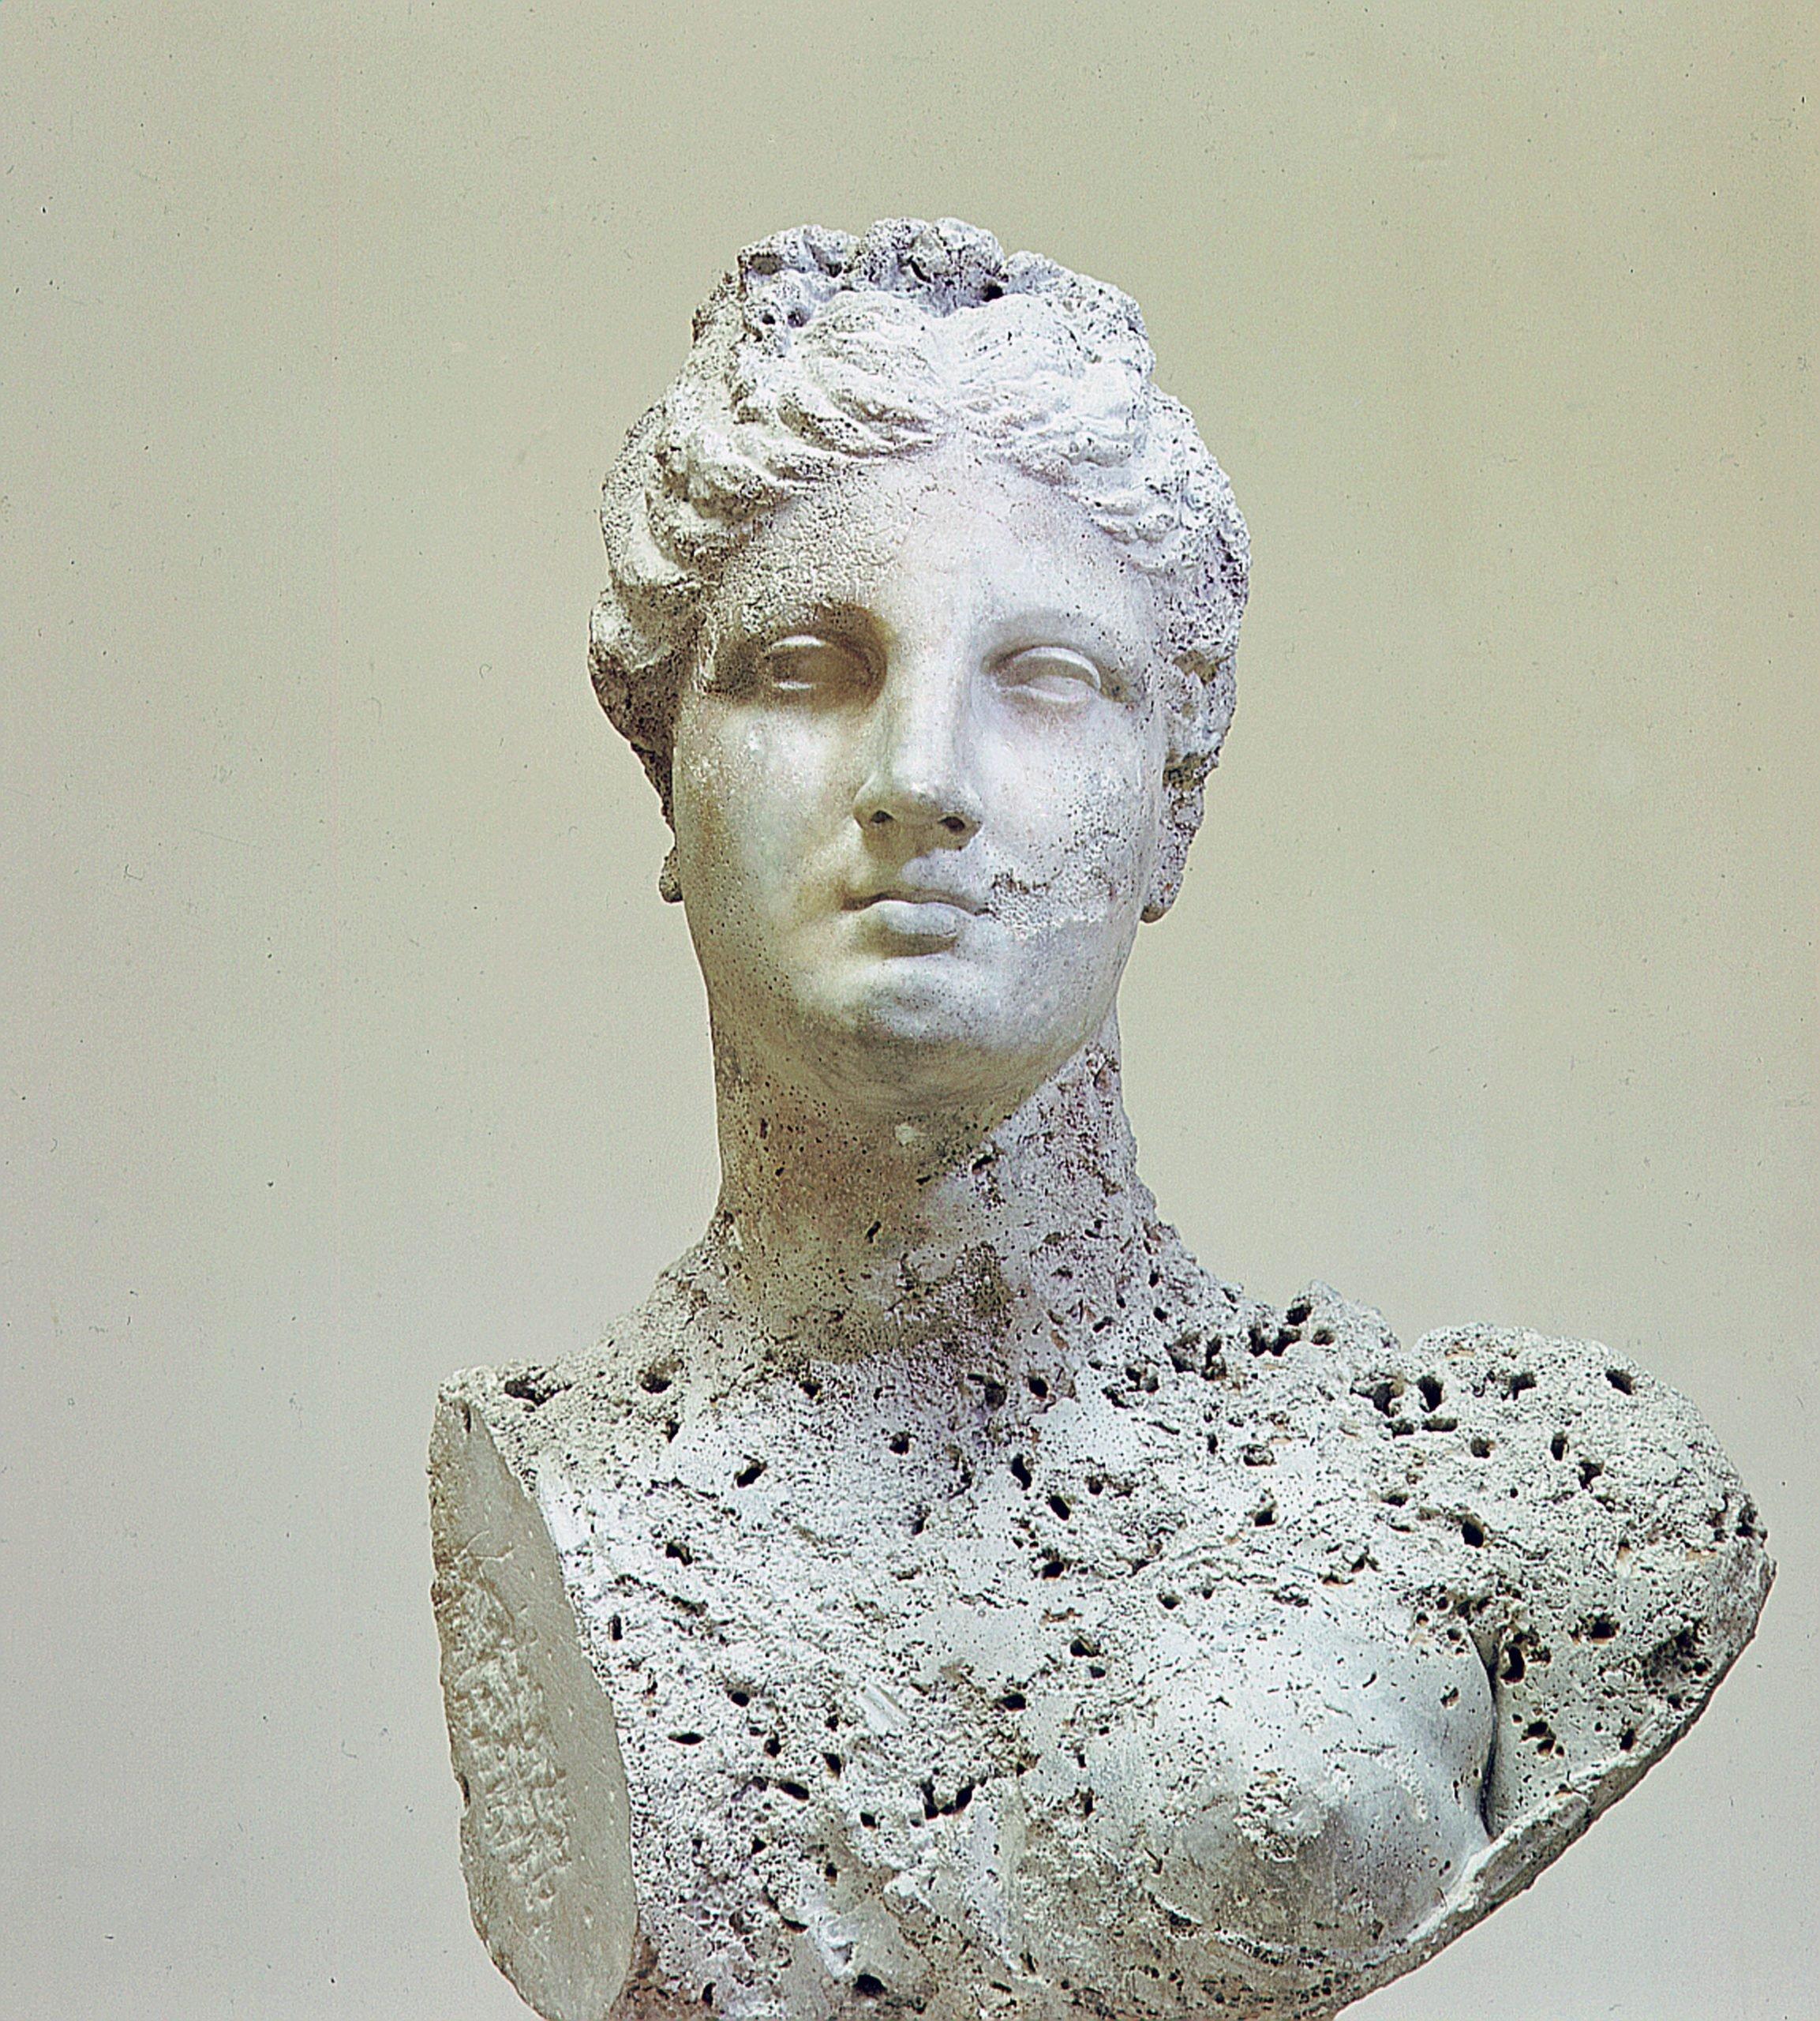 Statue found in a sunken Roman ship at Mahdia in Tunisia